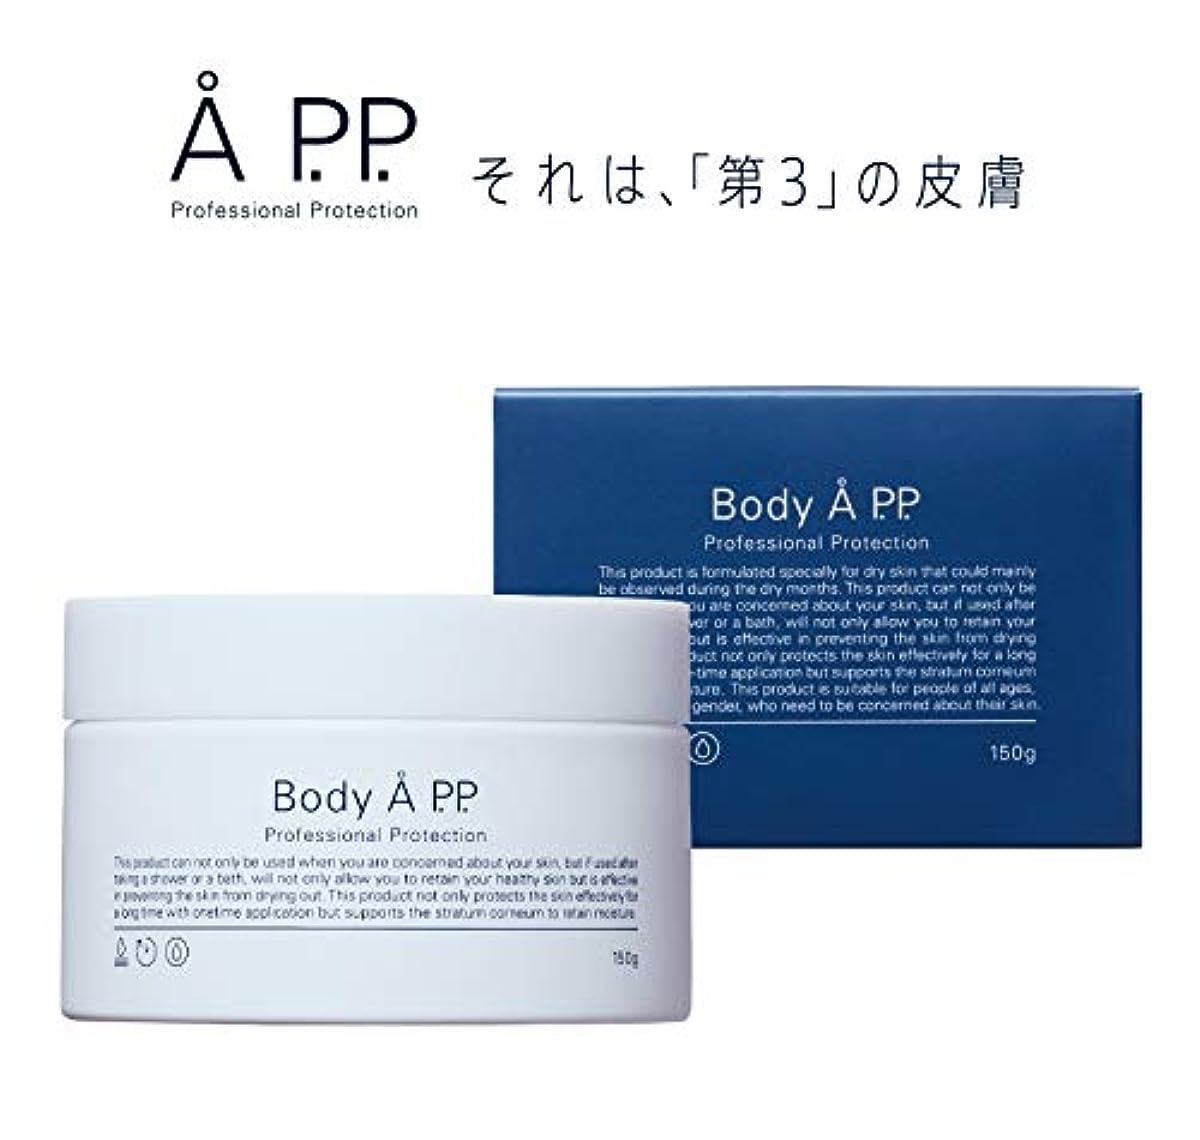 ヒュームキリマンジャロ効率的Body A P.P. プロフェッショナルプロテクション 高機能 ボディクリーム ボディークリーム 人気 ランキング 保湿 無香料 150g (1個)